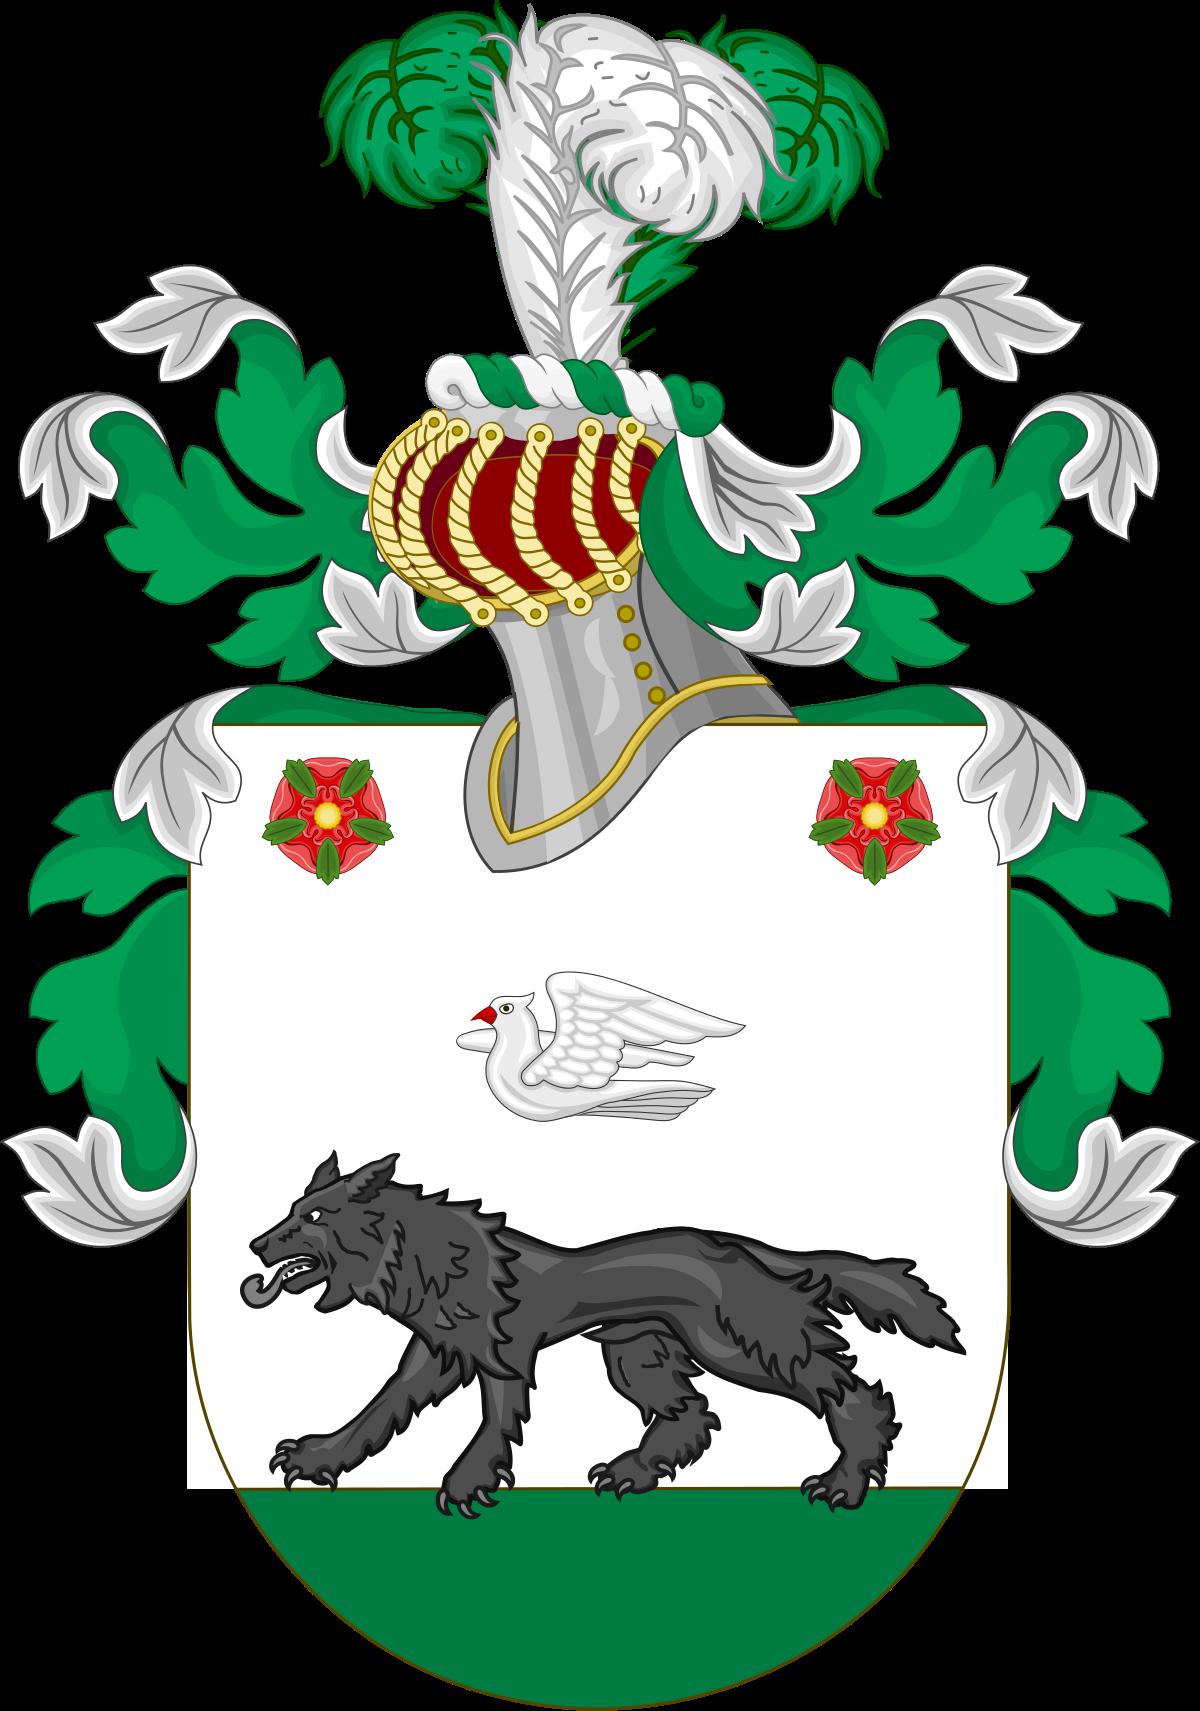 Francisco de Merlo.